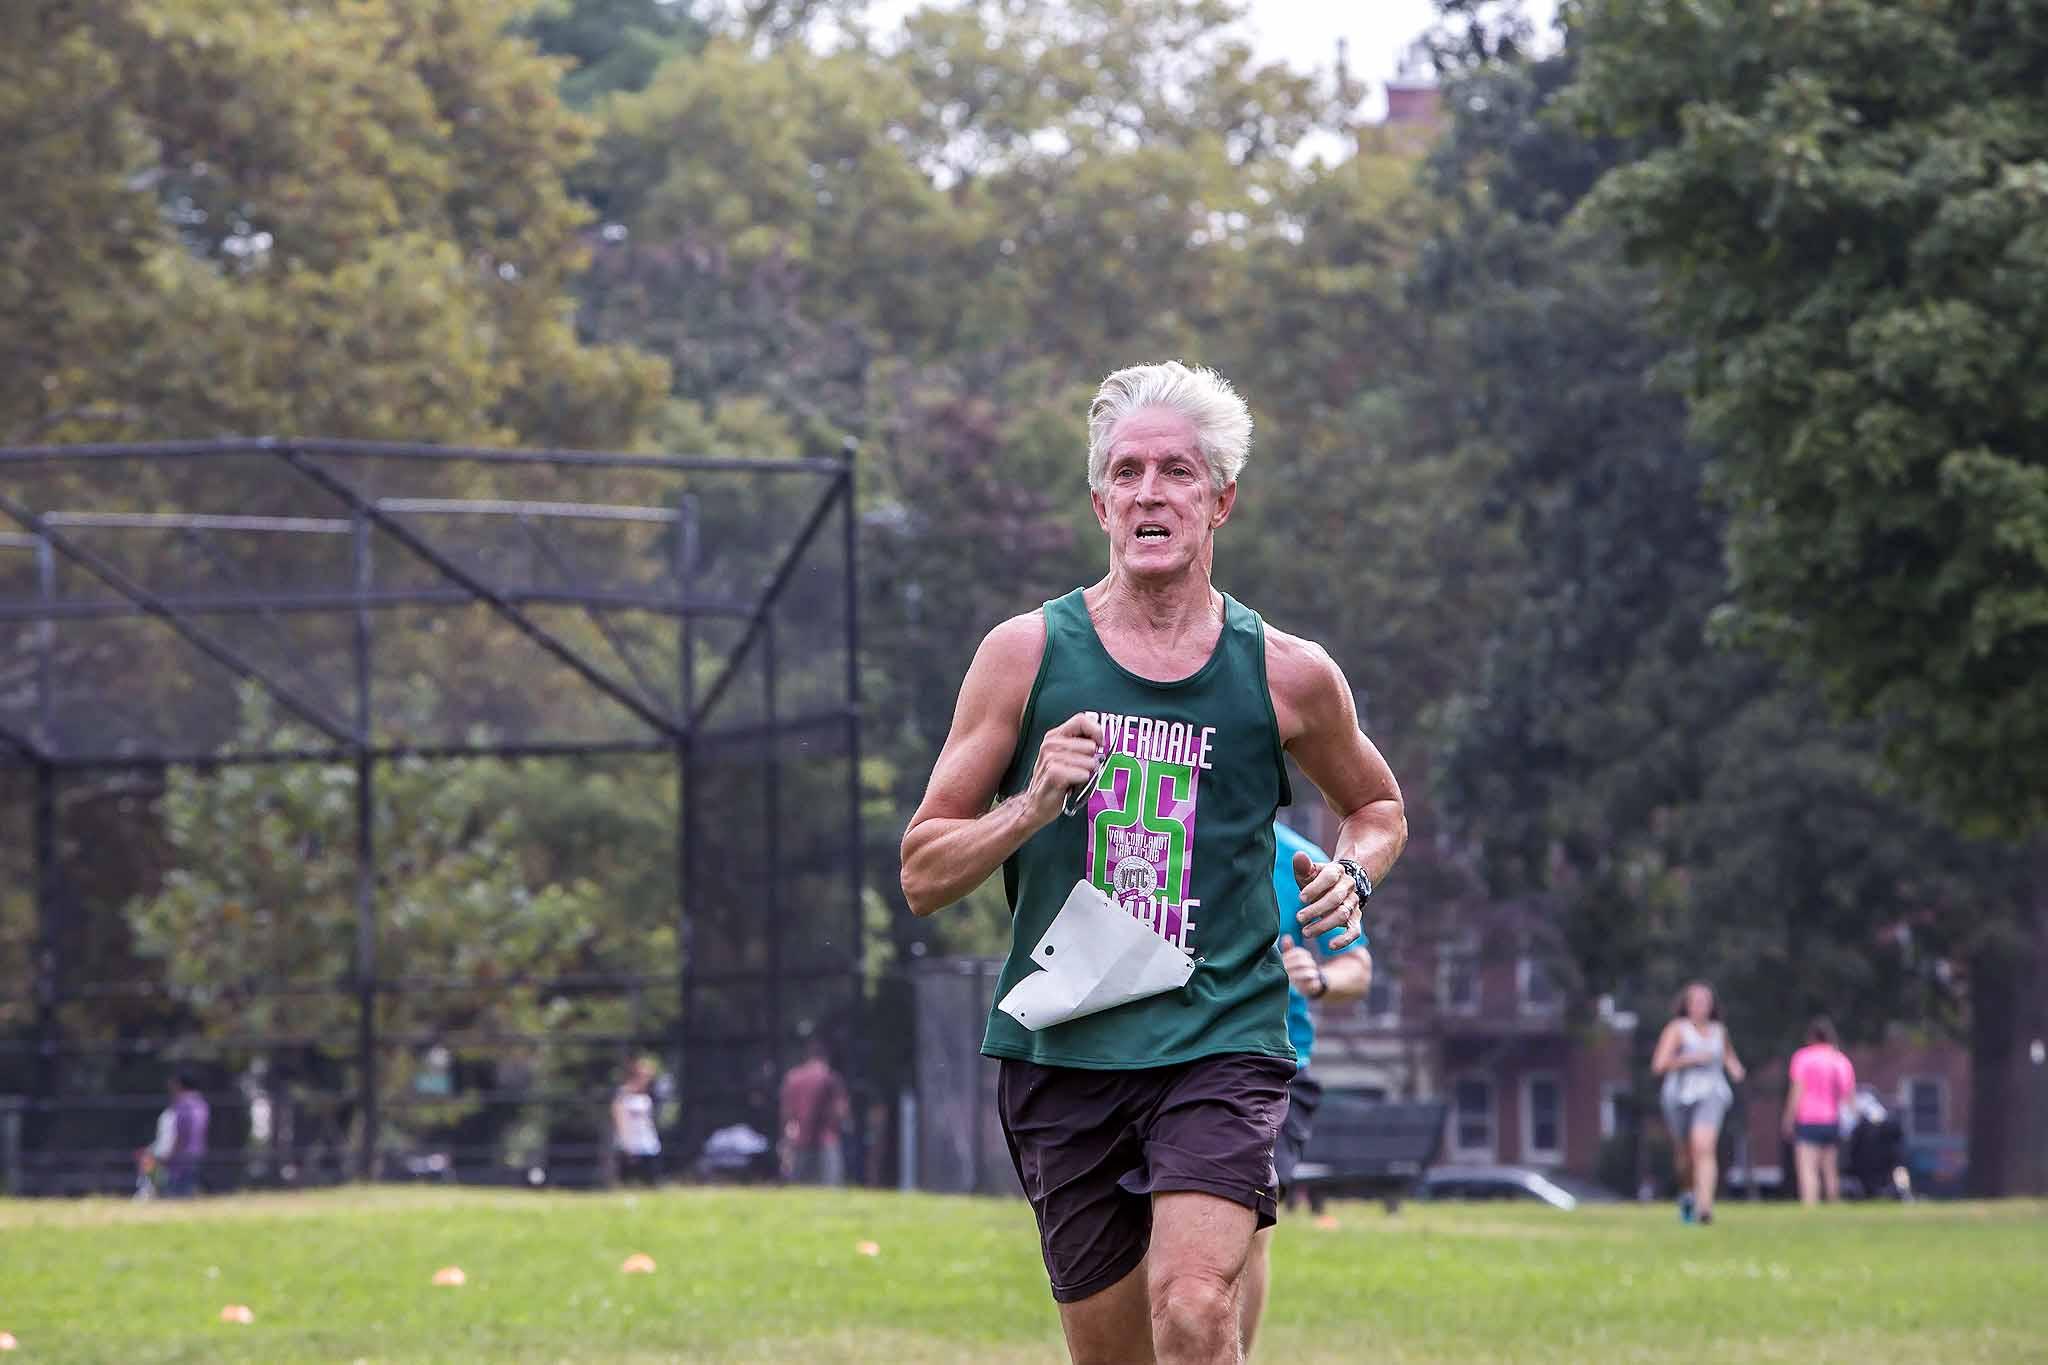 90-Woodlawn Run for a Cause-203.jpg